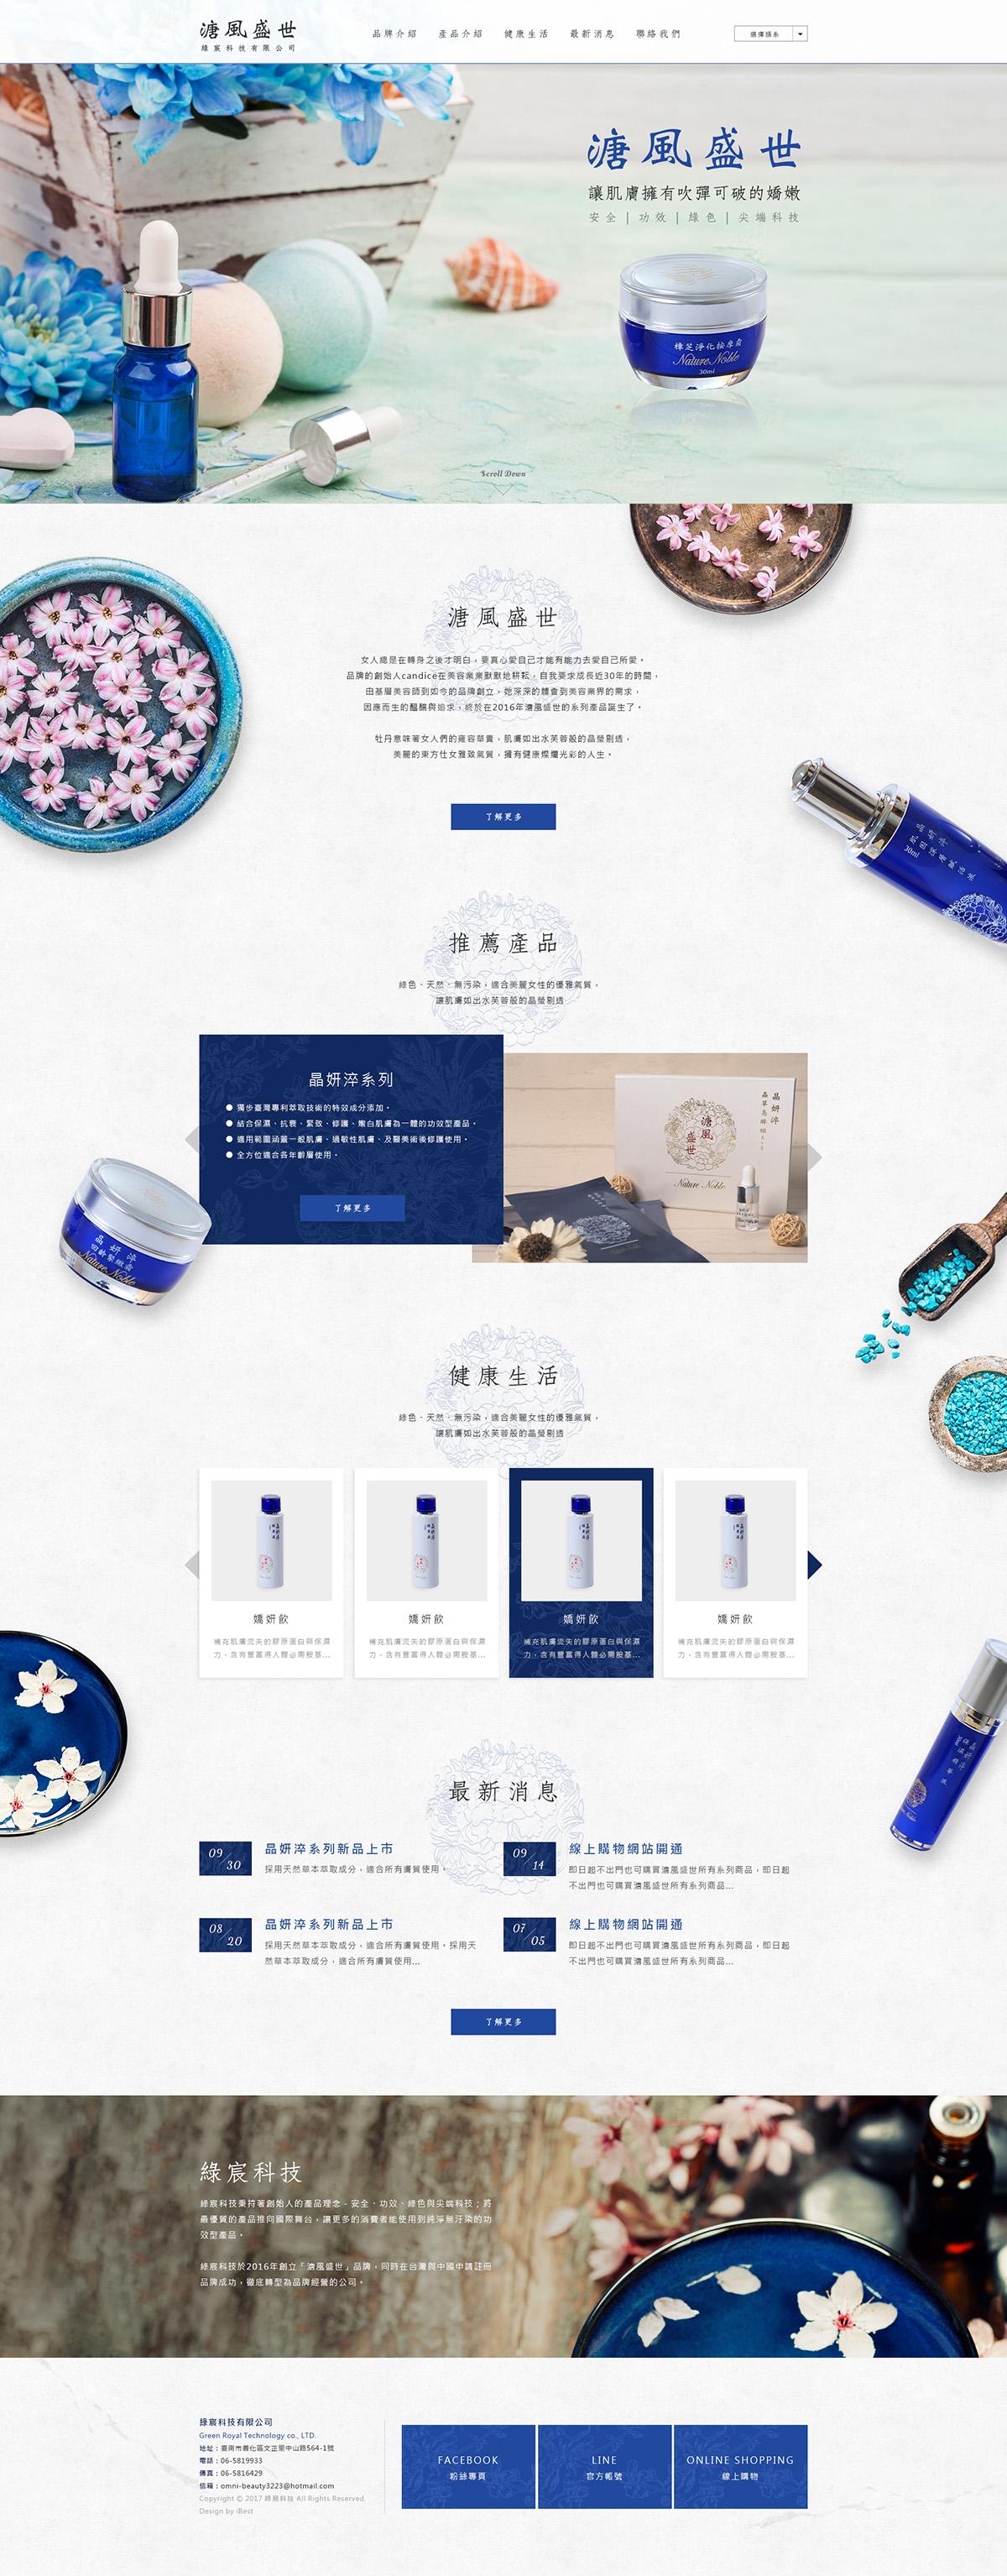 綠宸科技-網頁設計